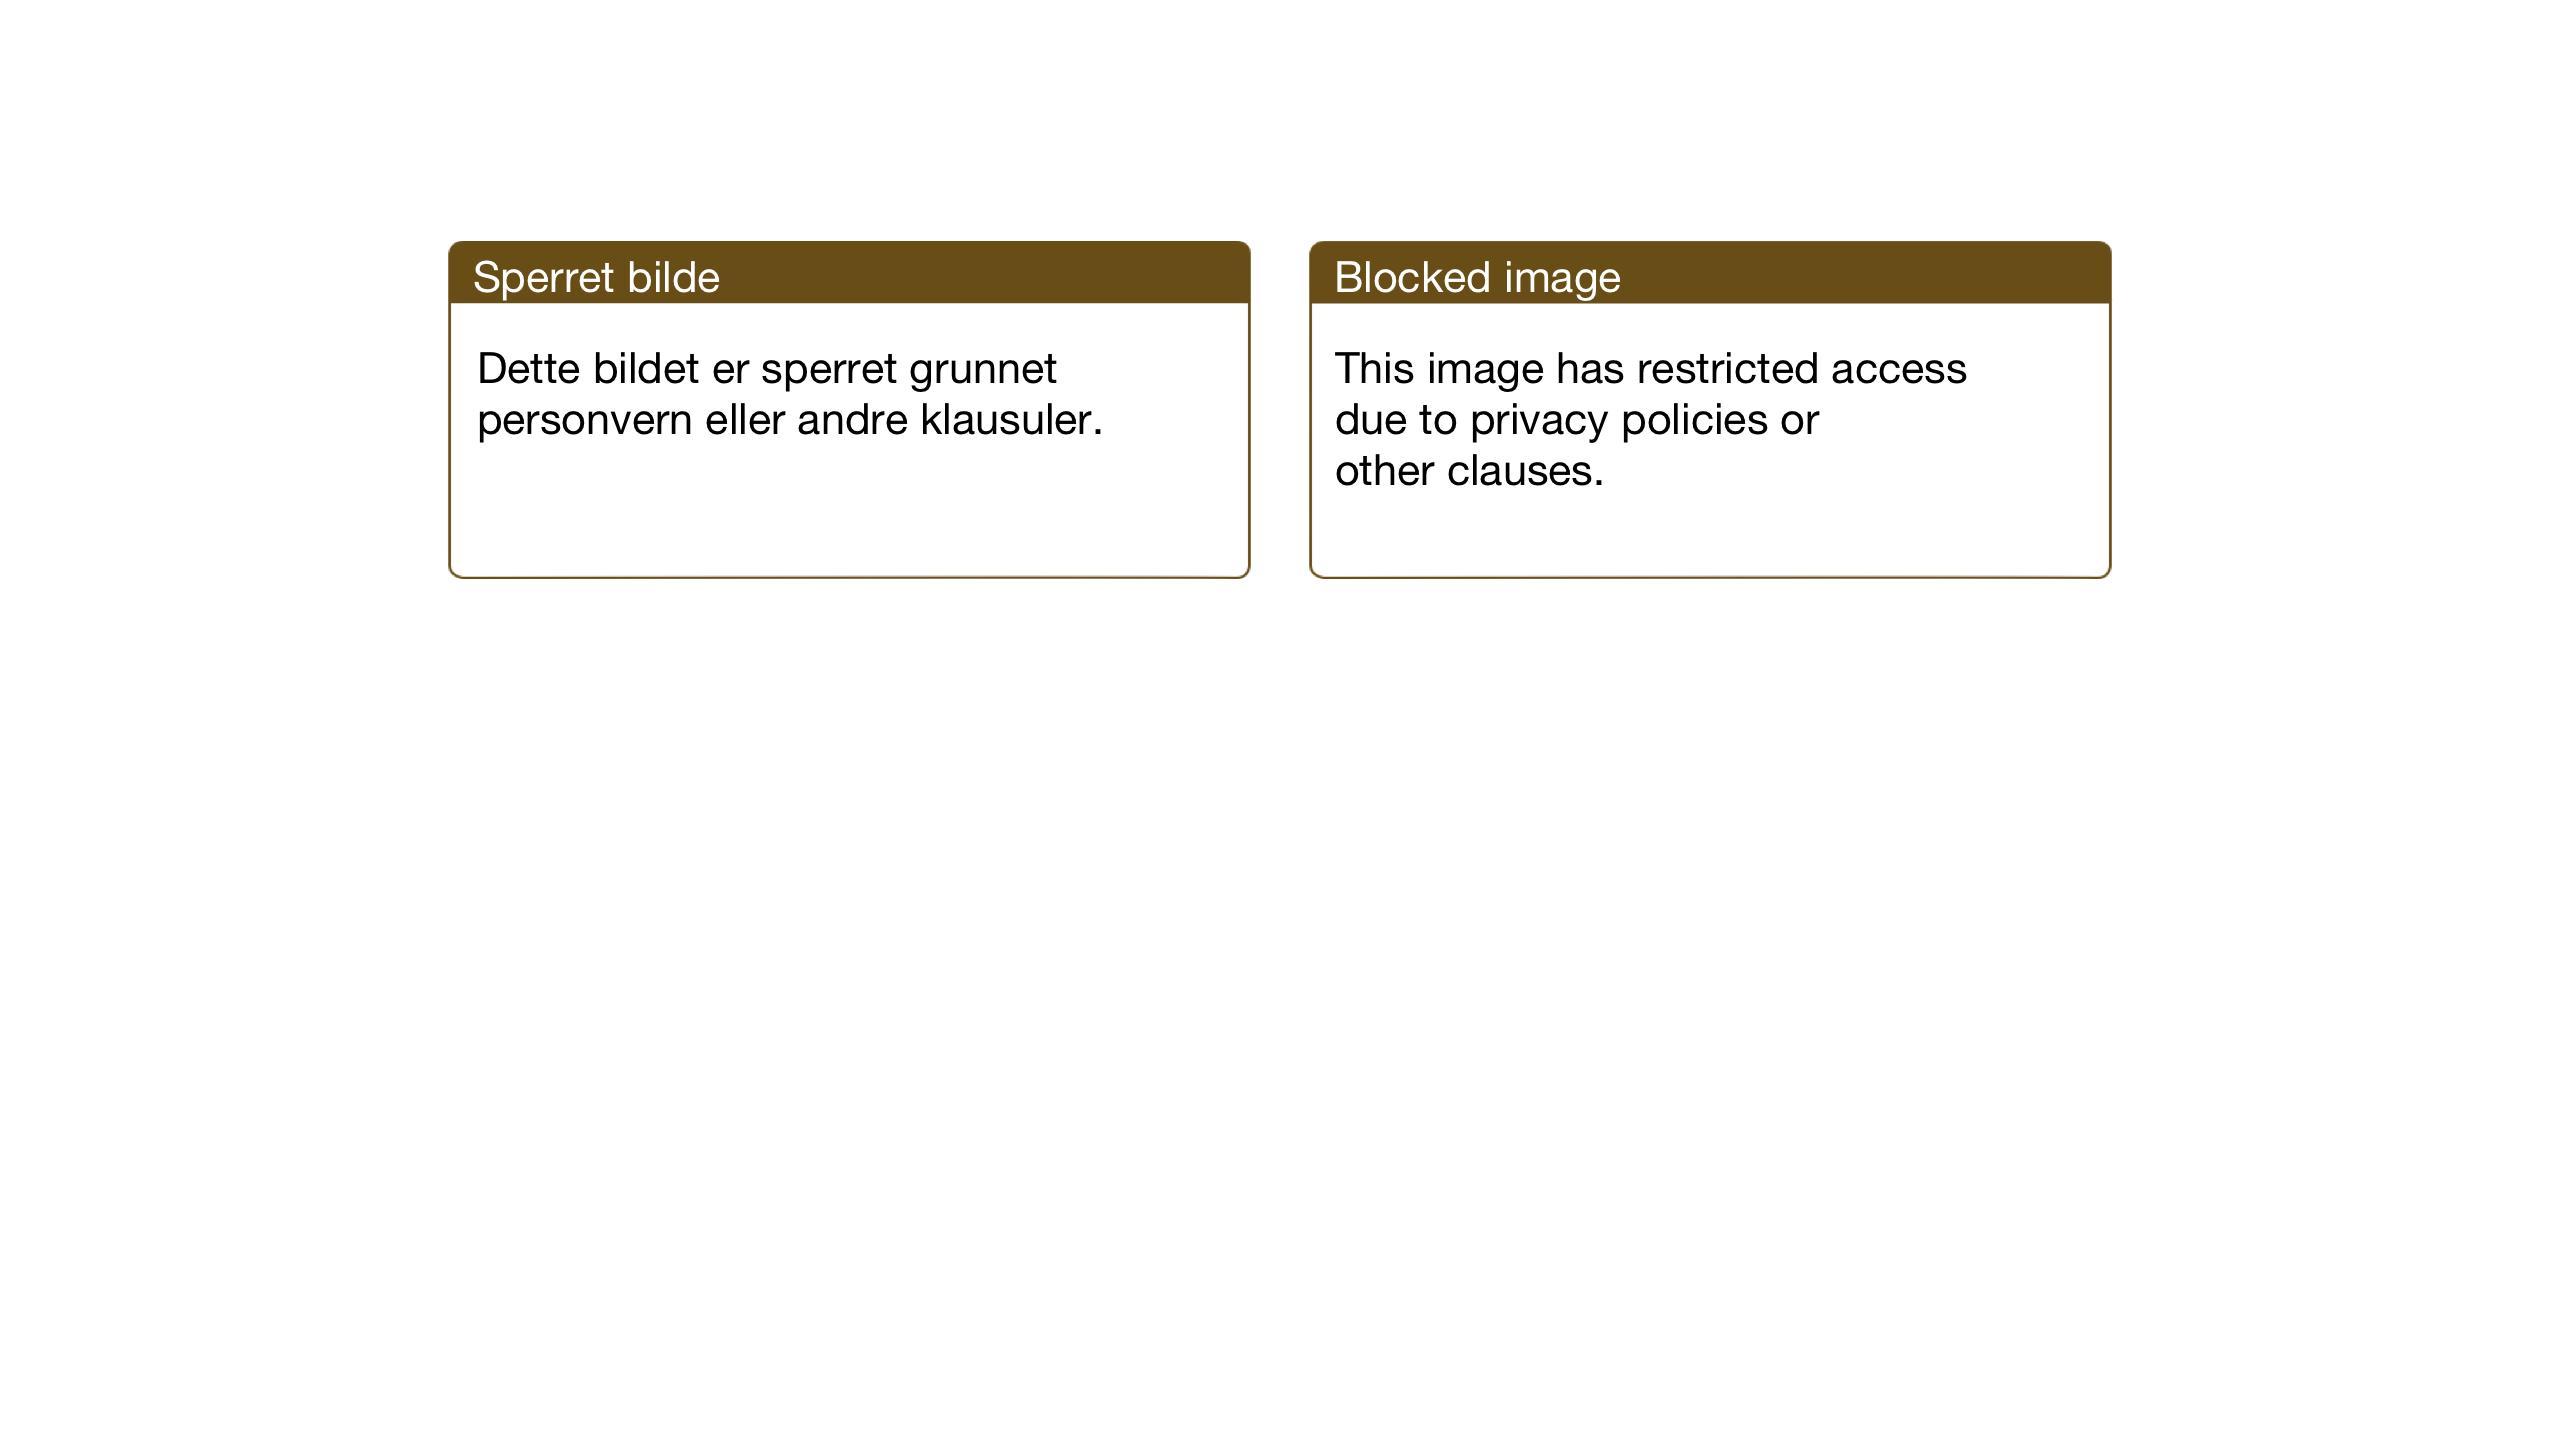 SAT, Ministerialprotokoller, klokkerbøker og fødselsregistre - Sør-Trøndelag, 652/L0654: Klokkerbok nr. 652C02, 1910-1937, s. 48